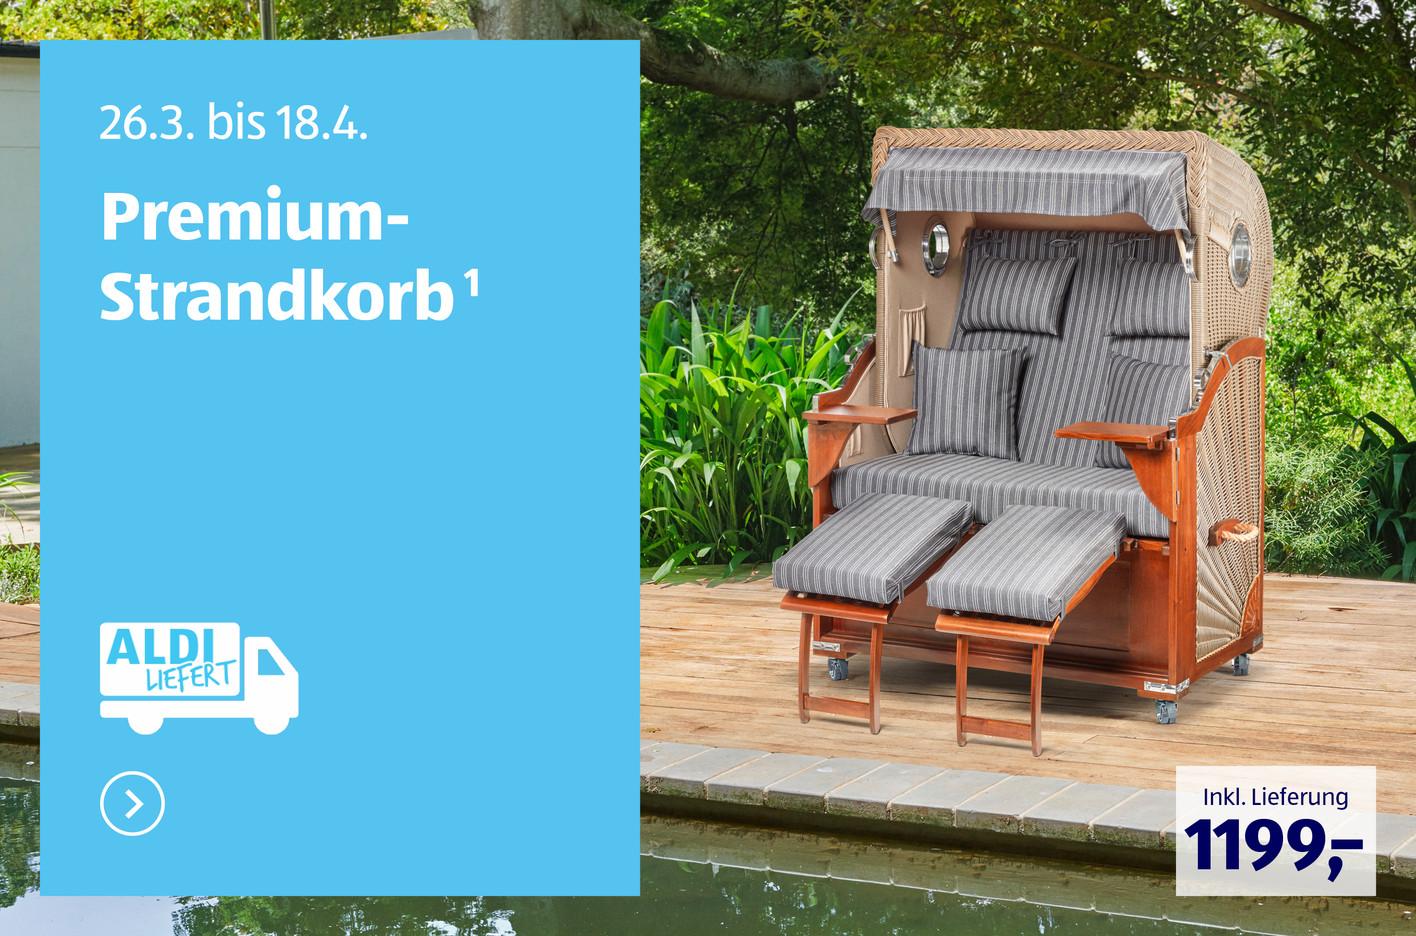 Full Size of Aldi Gartenliege 2020 Sd Angebote Ab Do Relaxsessel Garten Wohnzimmer Aldi Gartenliege 2020